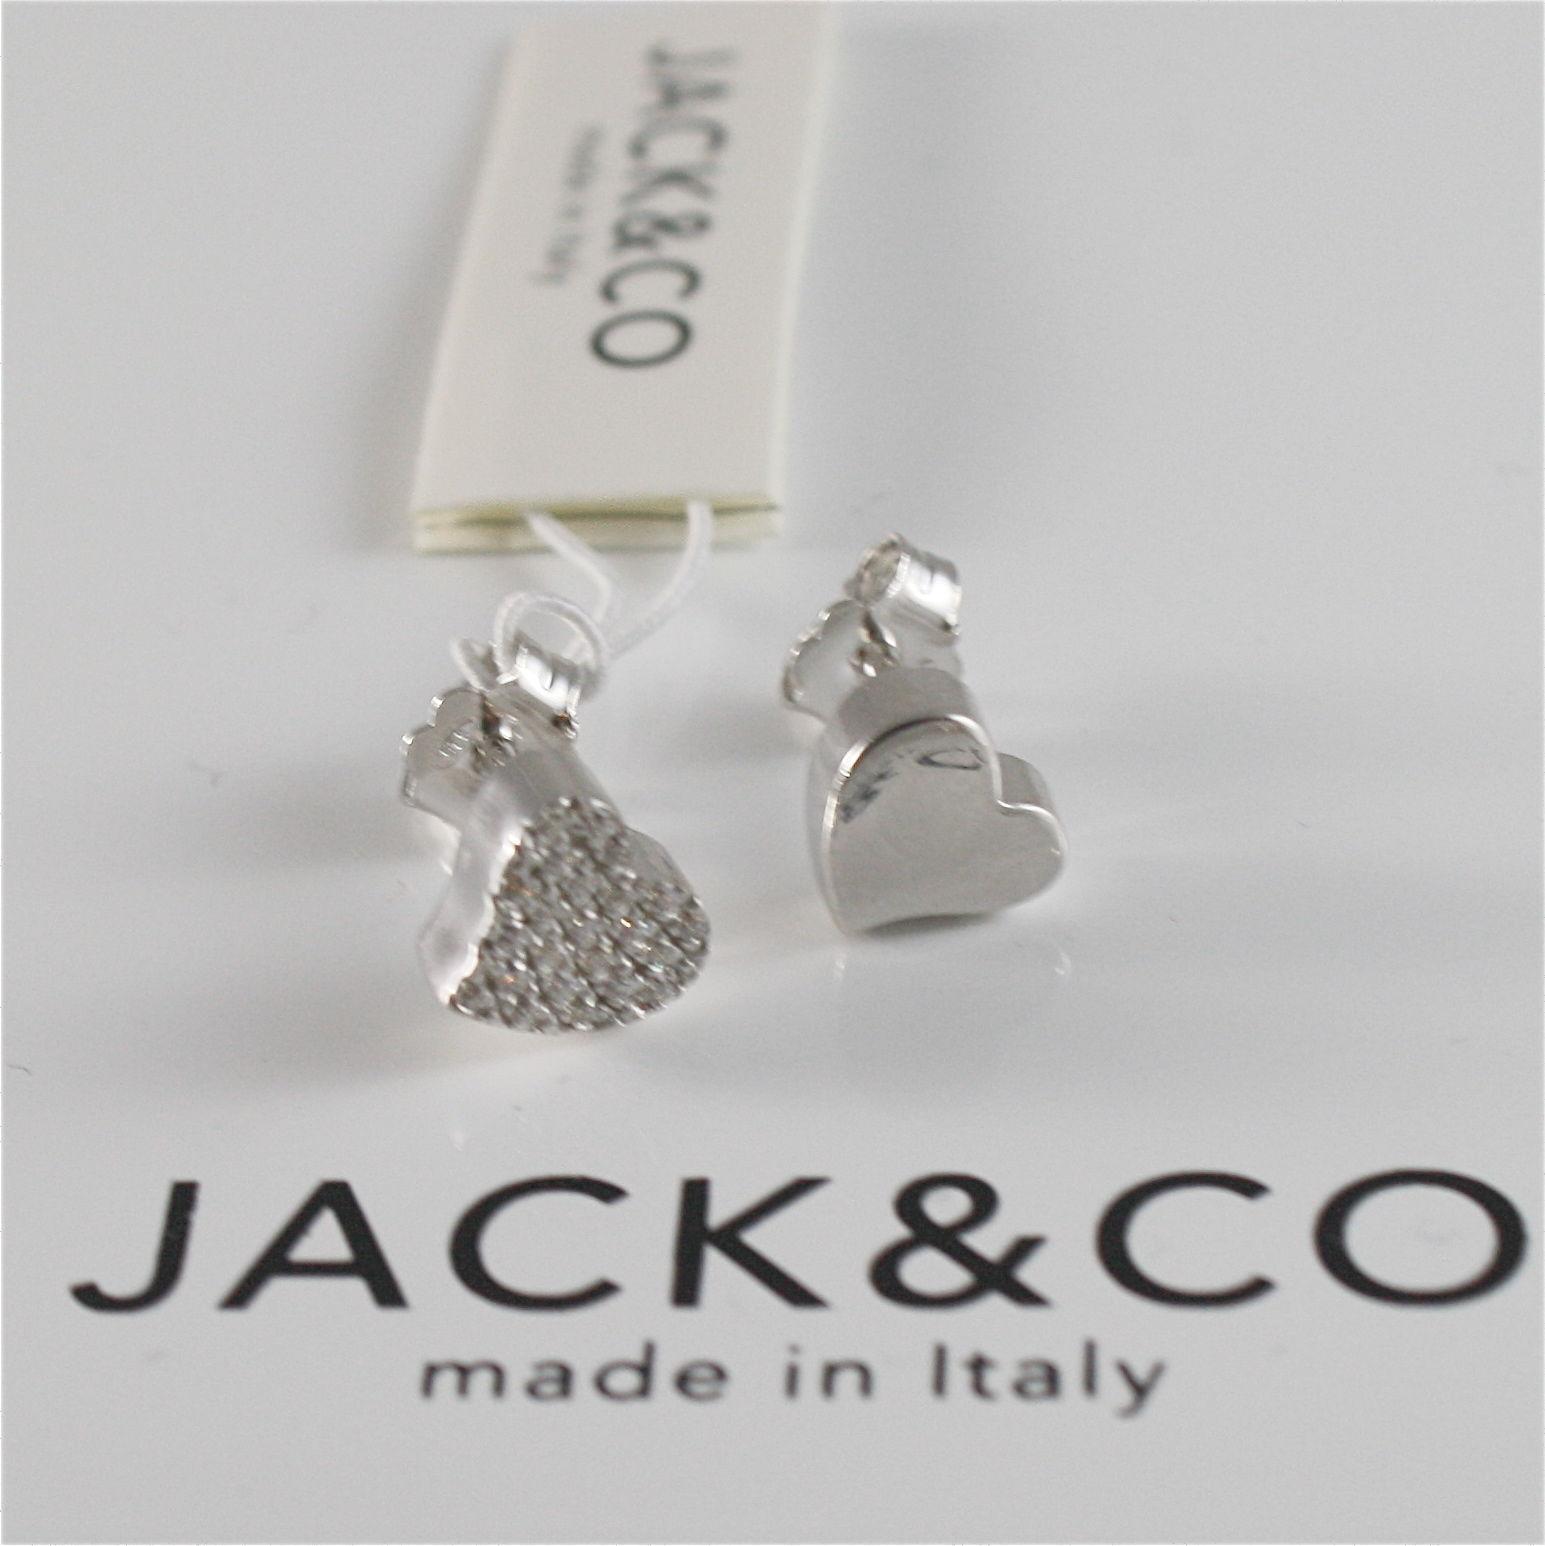 EARRINGS SILVER 925 JACK&CO WITH HEART LOVE WITH ZIRCON CUBIC JCE0454